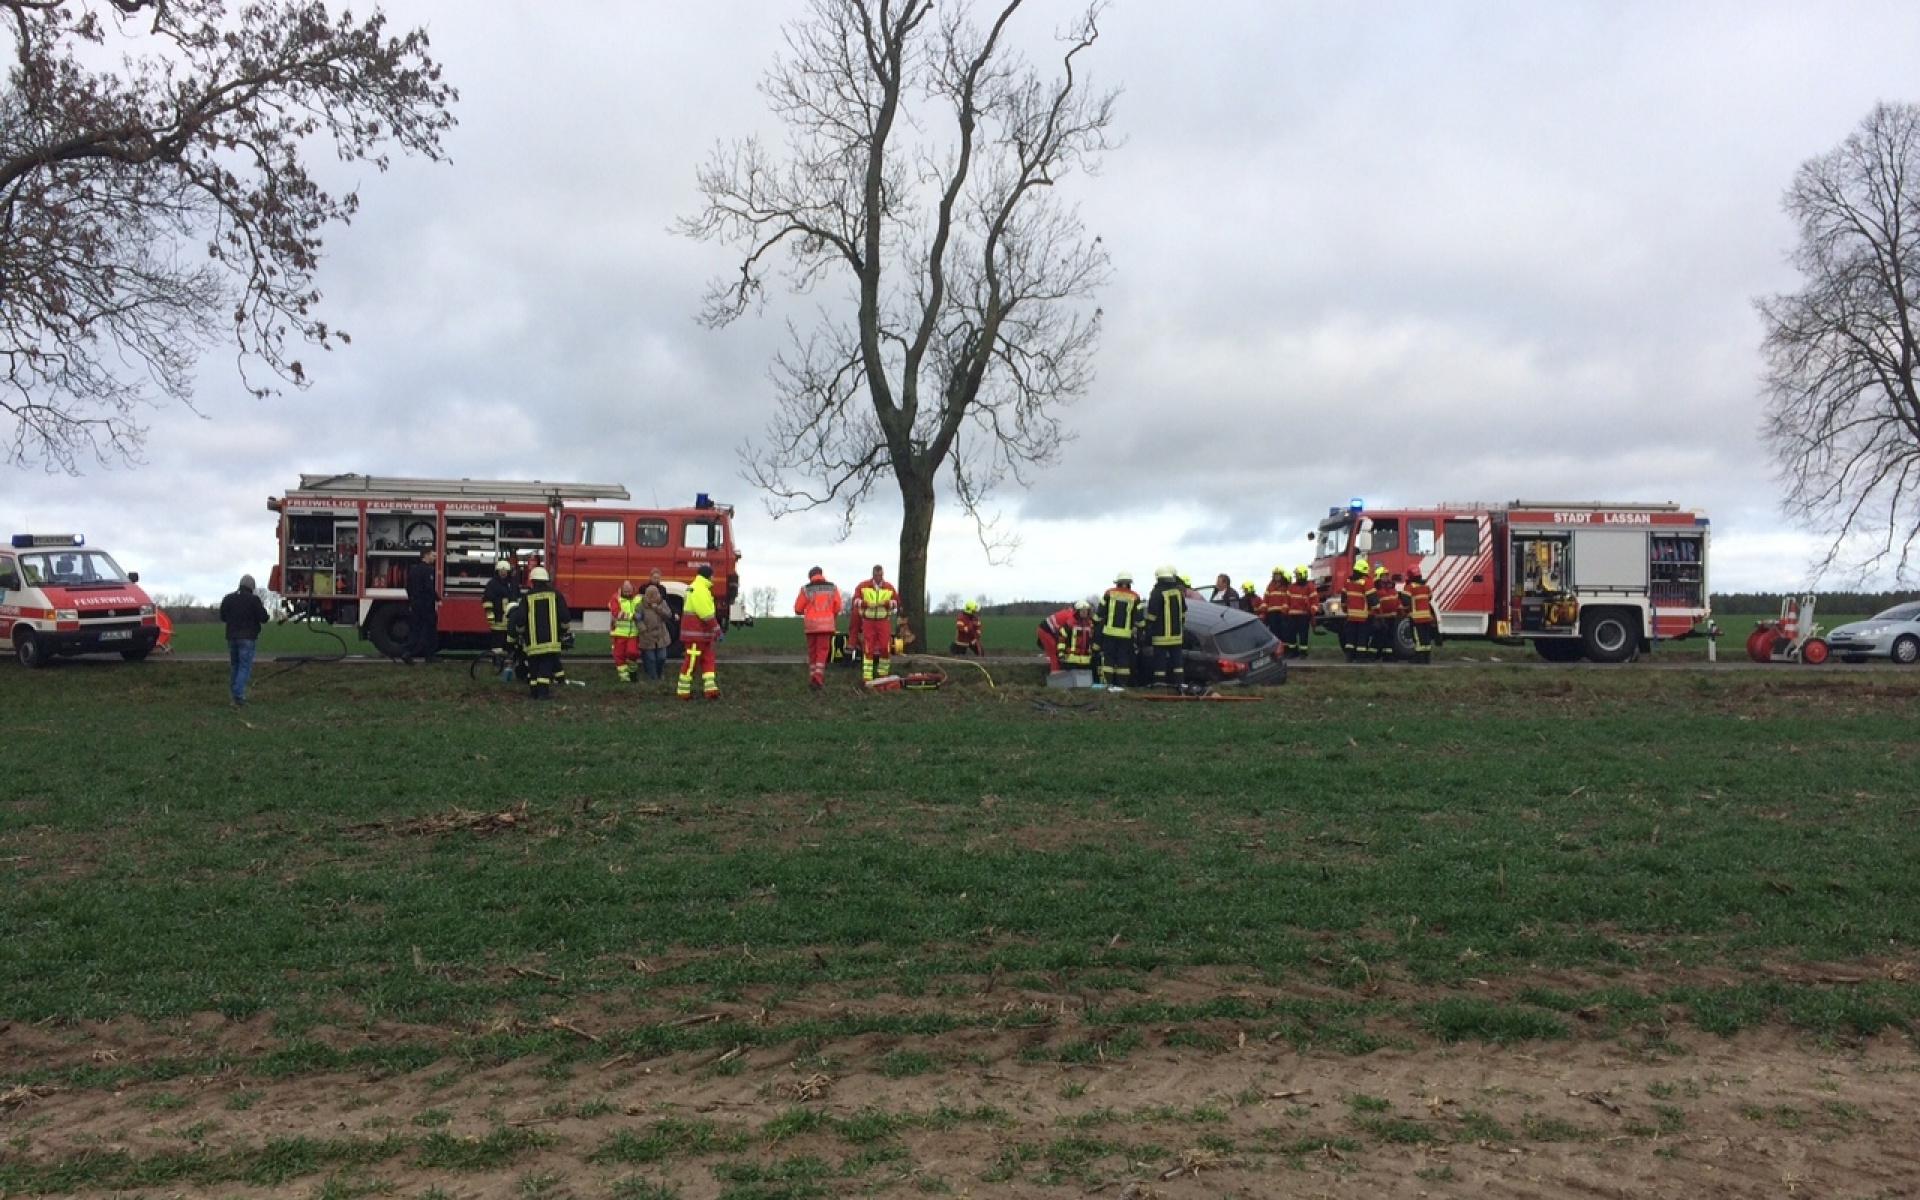 Ein Großaufgebot an Rettungskräften kümmerte sich um die verunglückten Autofahrer.